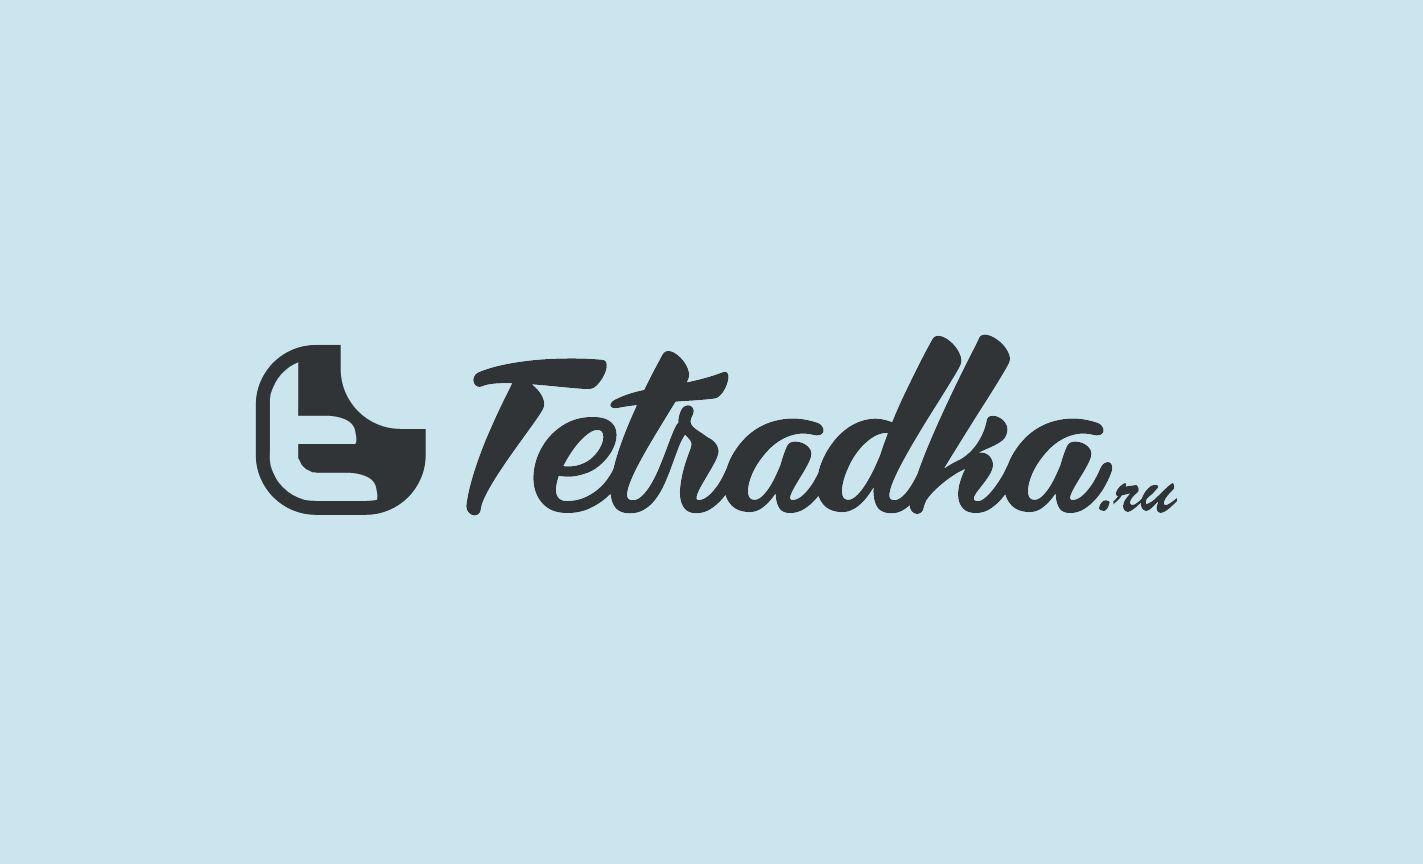 Логотип для образовательной сети tetradka.ru - дизайнер pensero